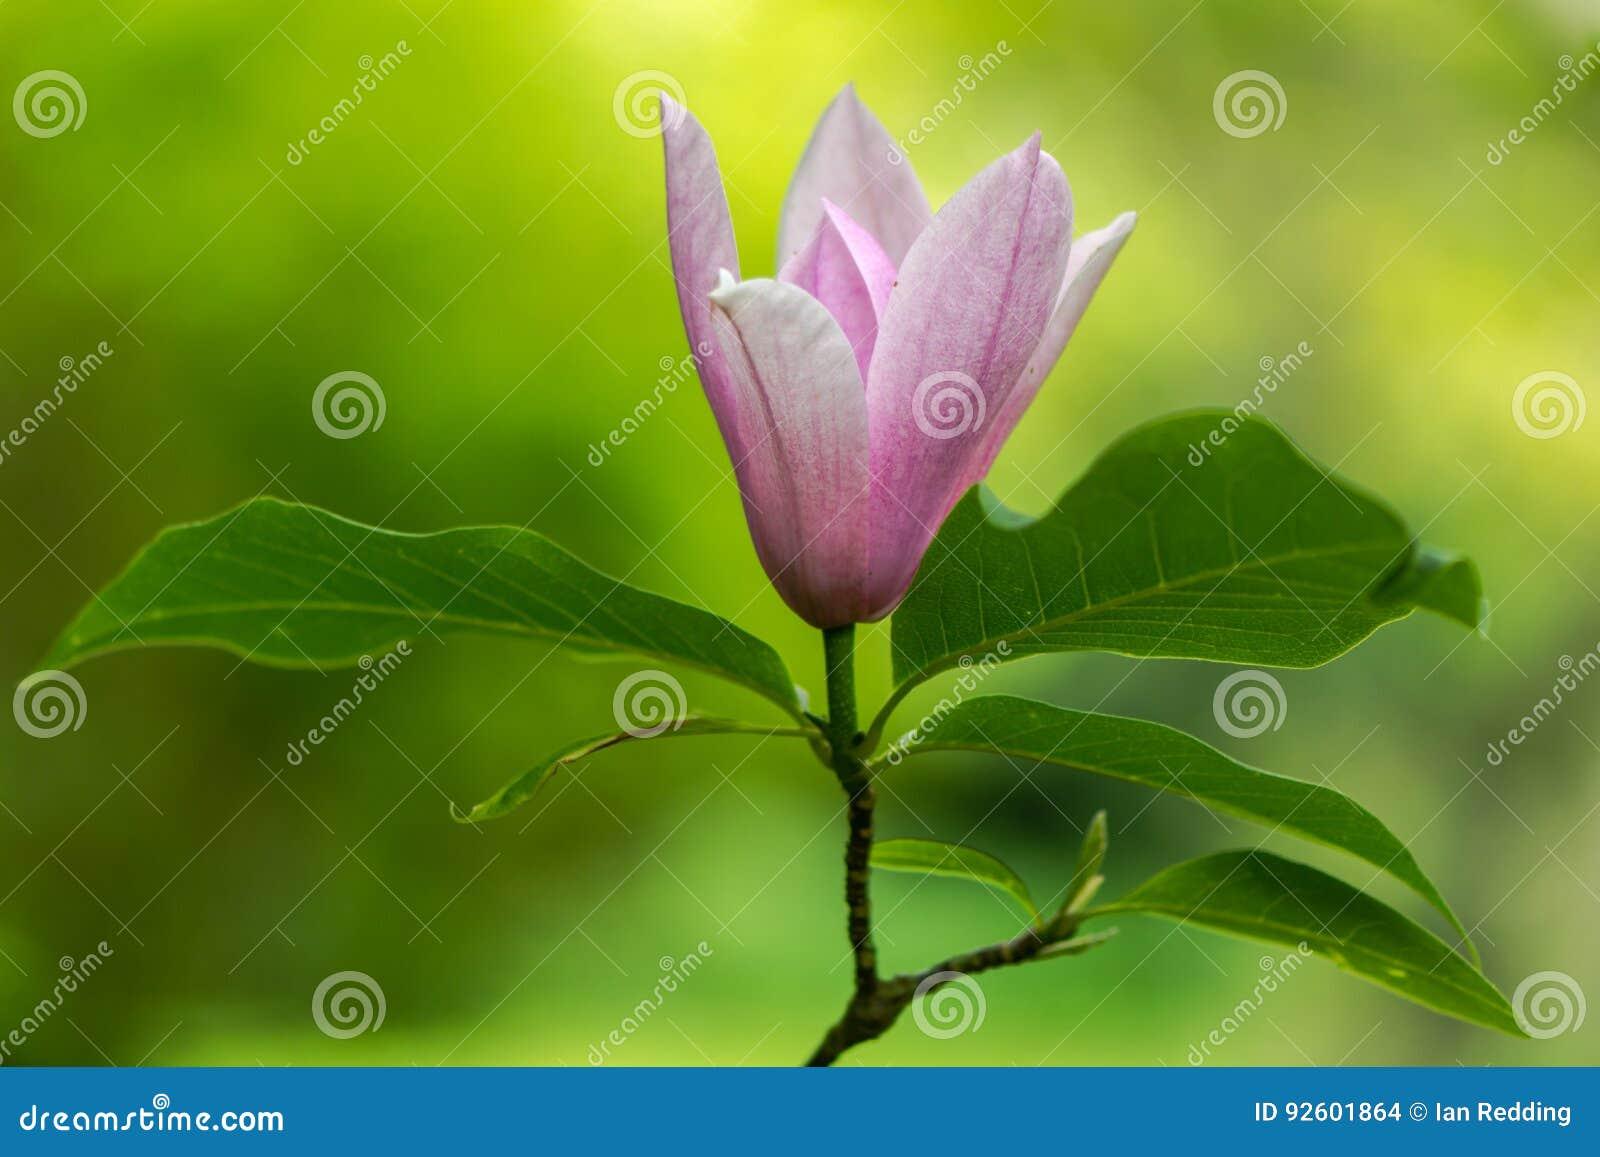 Grandiflora magnolia & x27; Hemel scent& x27; bloemen